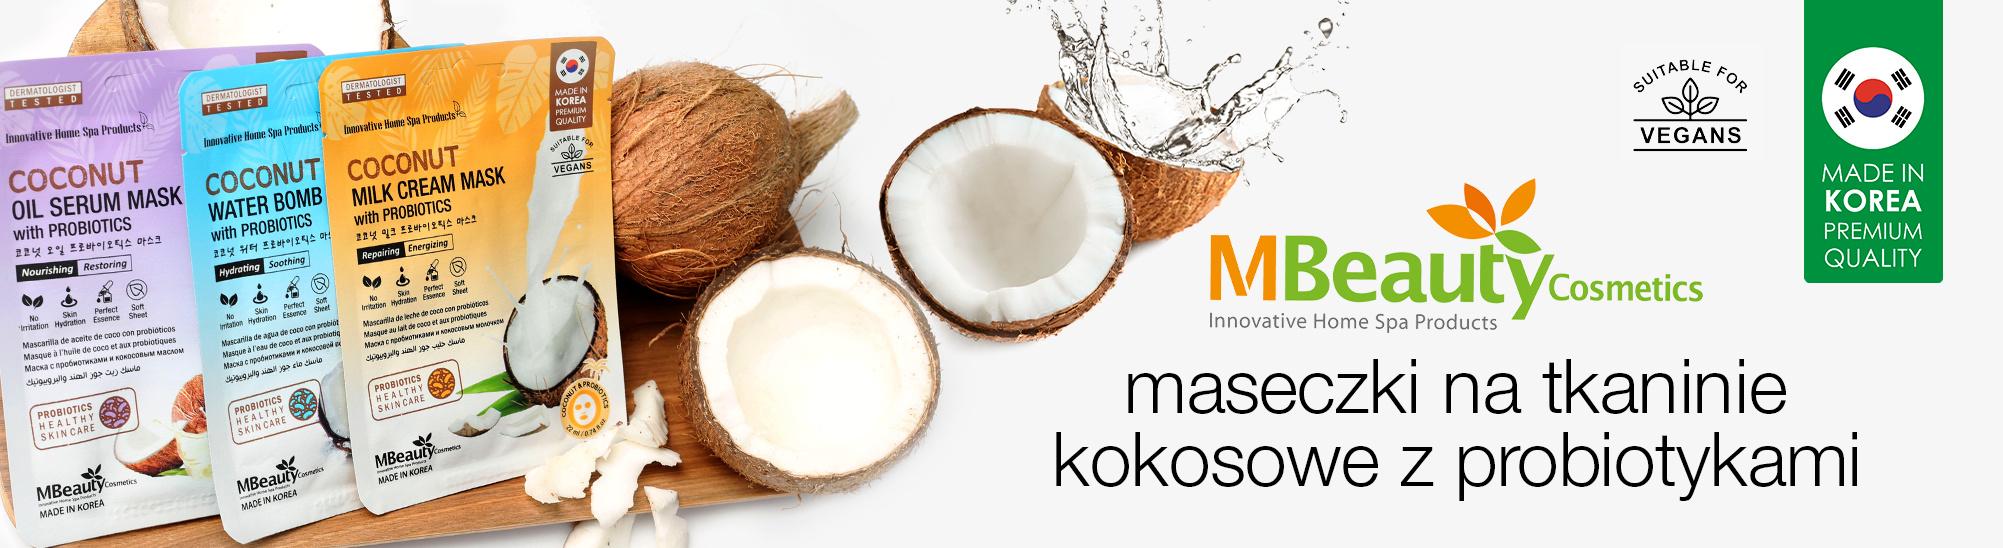 [MBeauty - maseczki kokosowe]